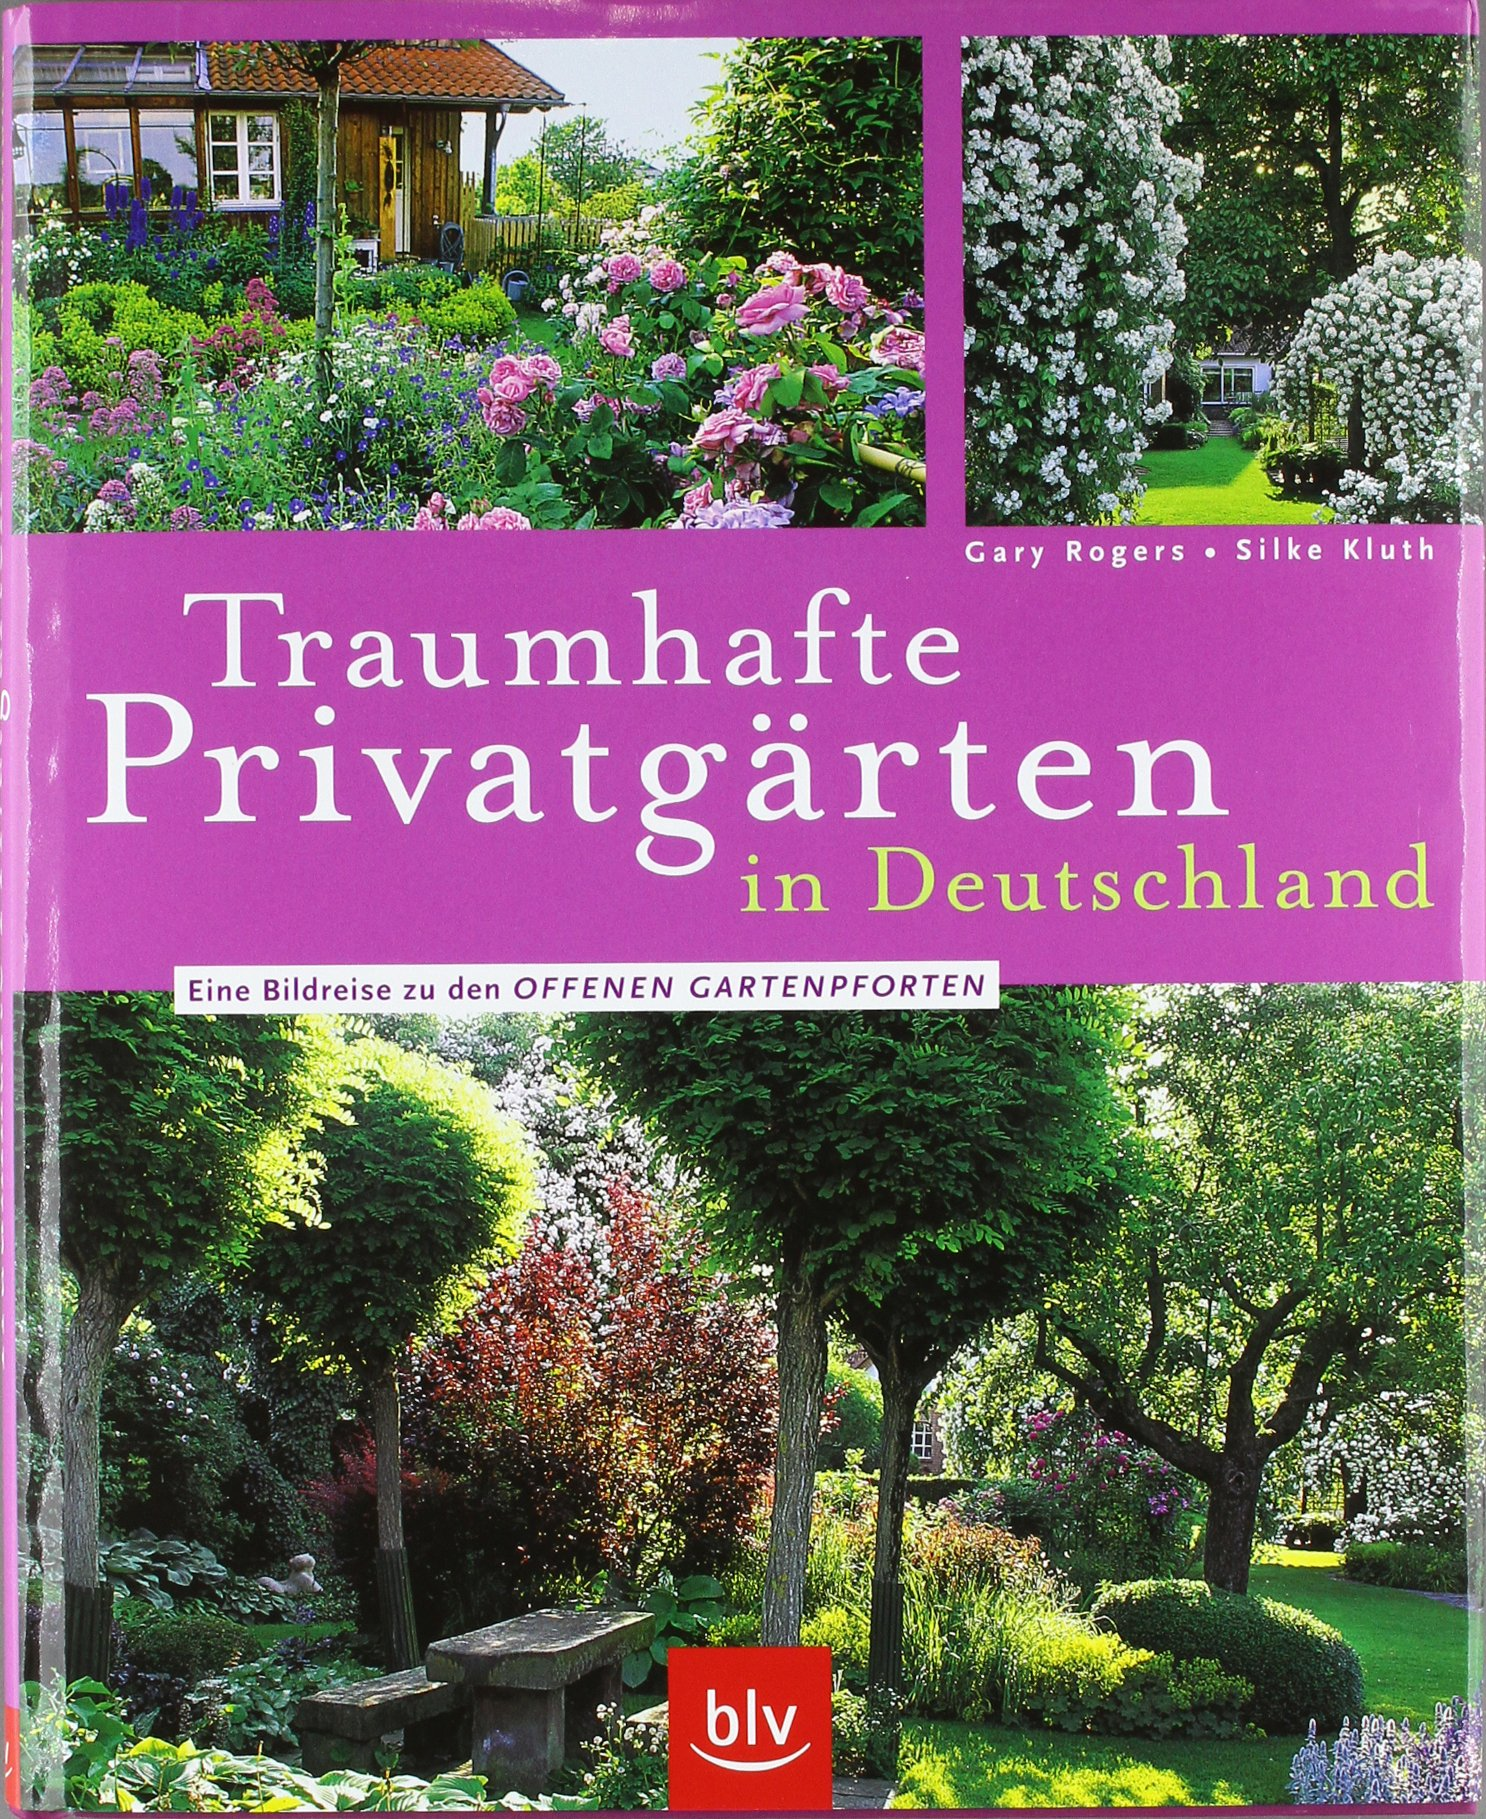 Traumhafte Privatgärten in Deutschland: Eine Bildreise zu den Offenen Gartenpforten